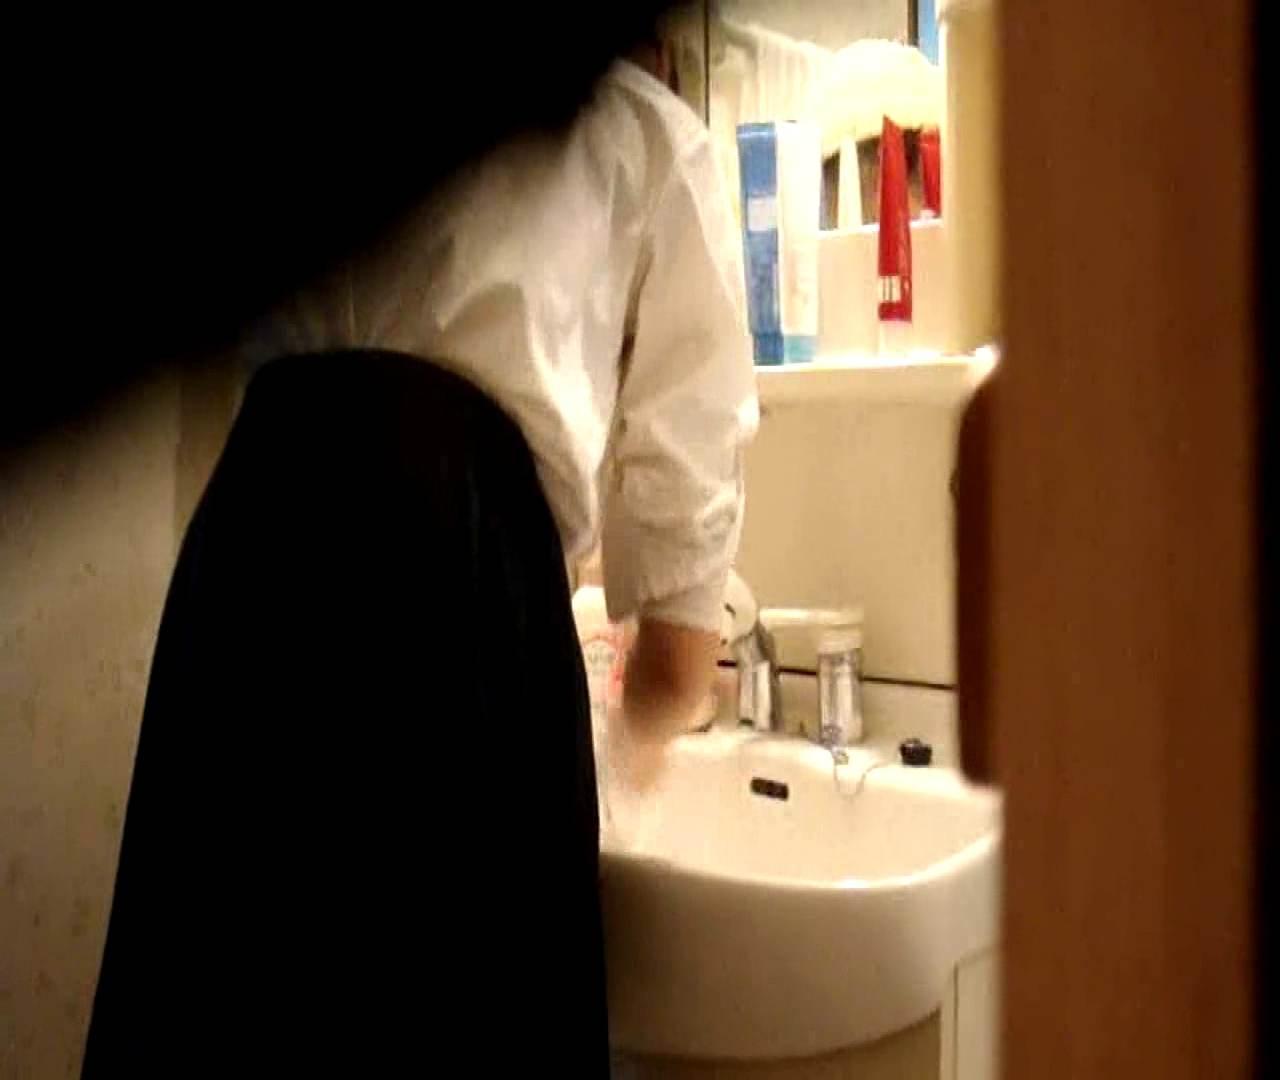 二人とも育てた甲斐がありました… vol.05 まどかが洗顔後にブラを洗濯 盗撮シリーズ | おまんこ見放題  79PIX 31